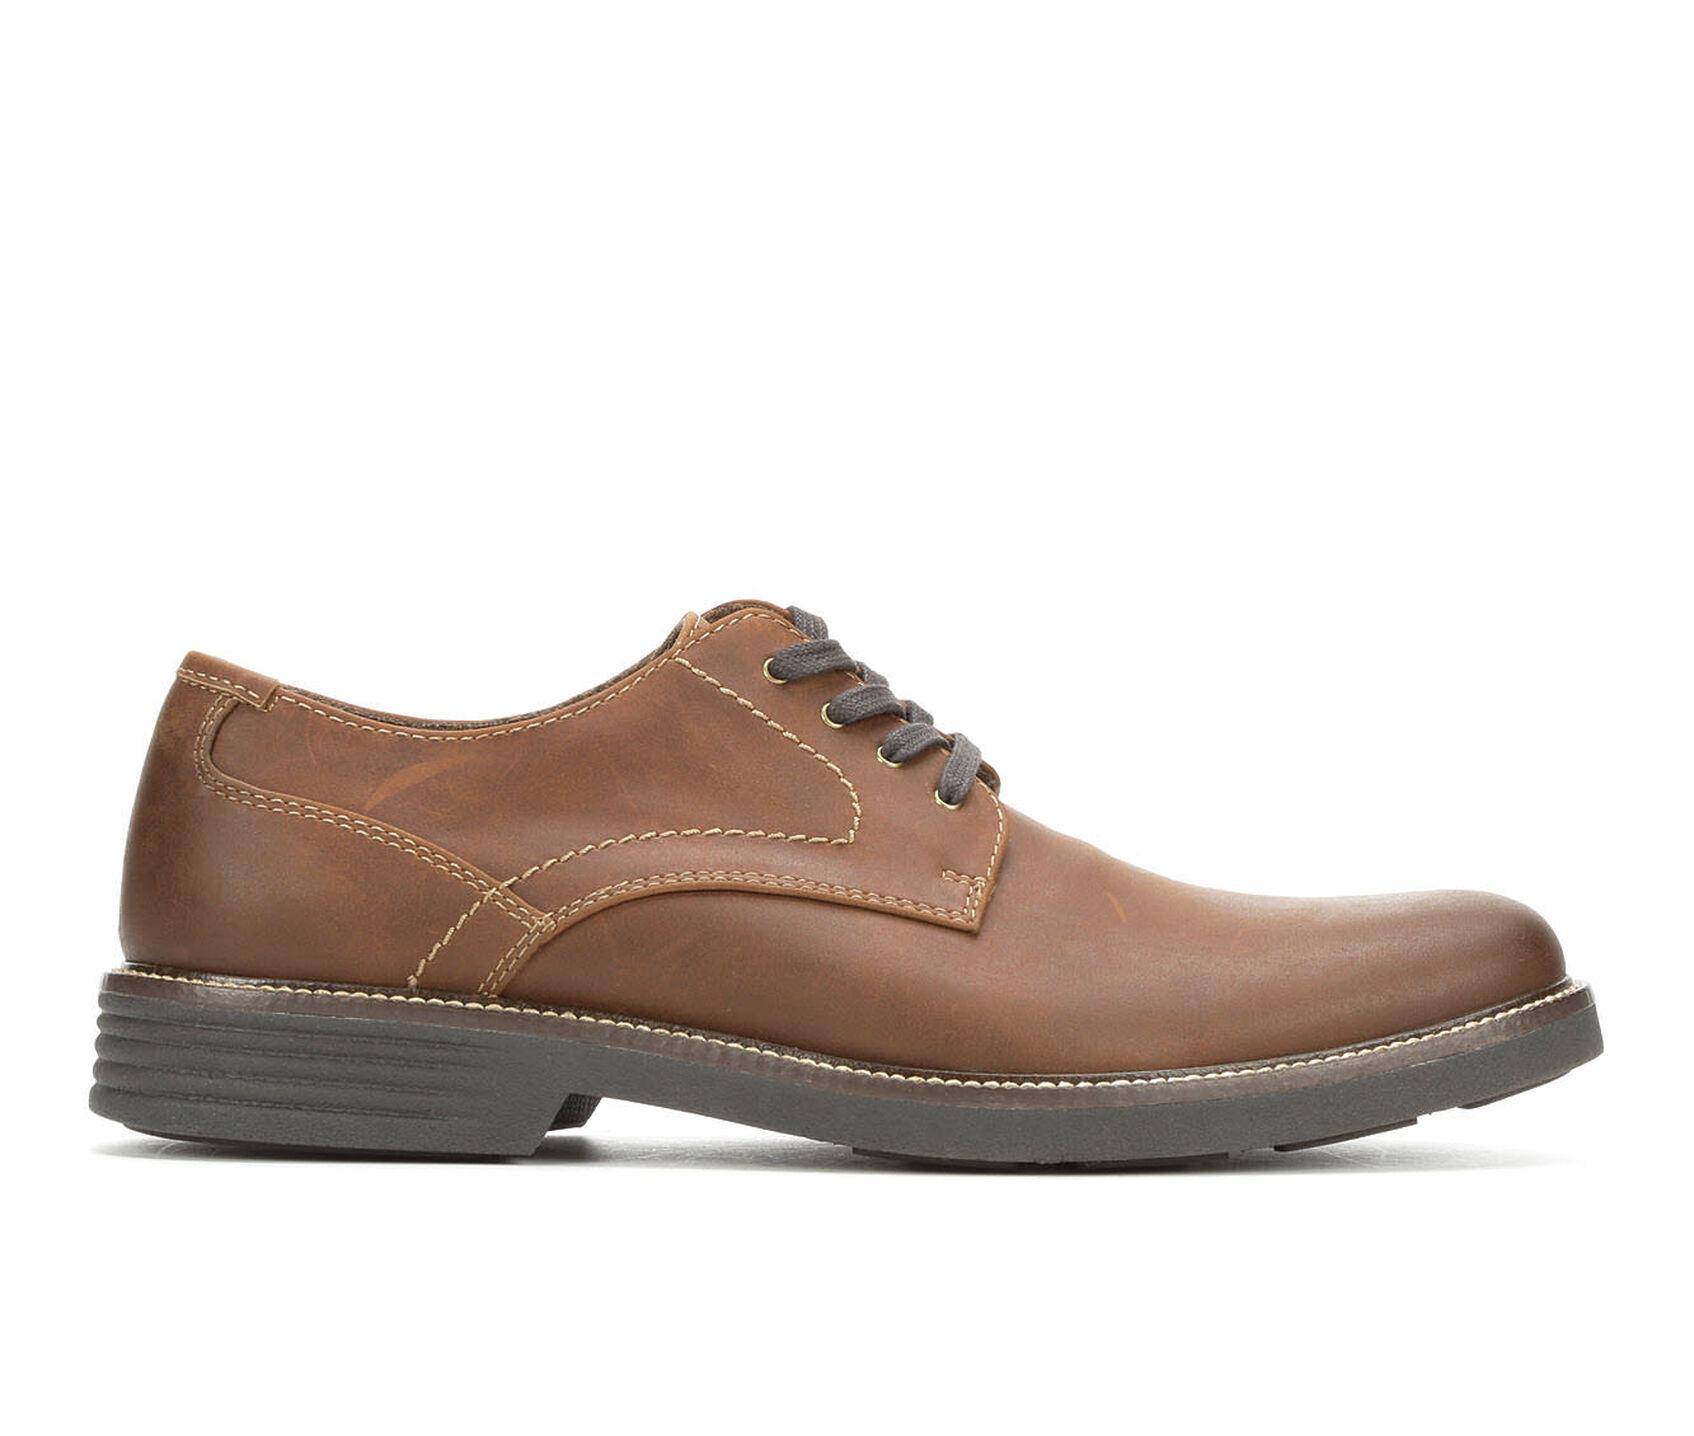 c1e6c0524a7 Men's Dockers Lamont Dress Shoes